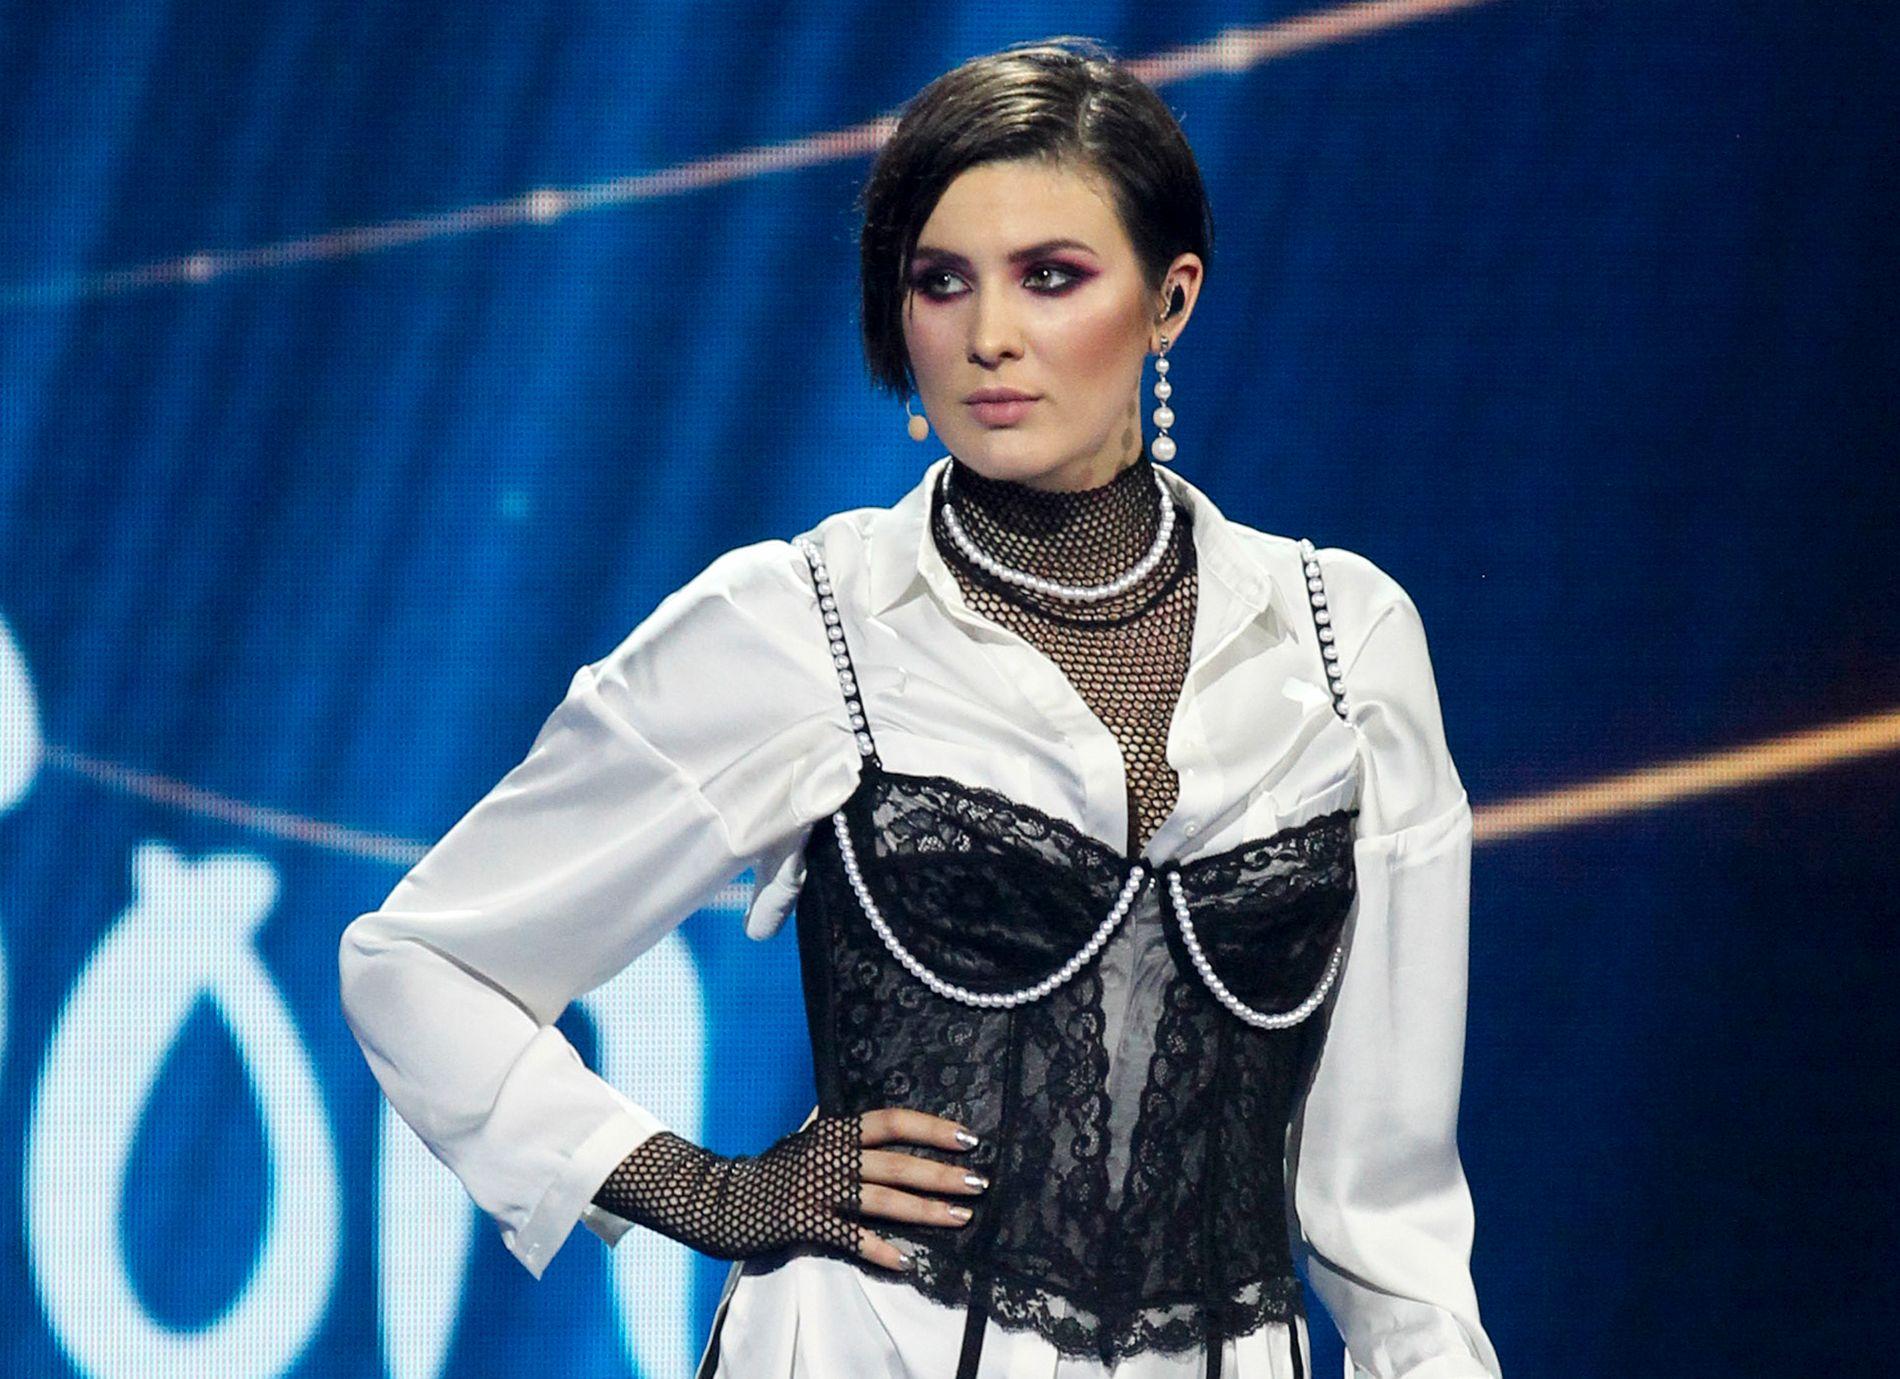 NEKTER: Anna Korsun, som opptrer under artistnavnet Maruv, vant den nasjonale finalen i Ukraina tidligere i år. Nå har hun trukket seg.